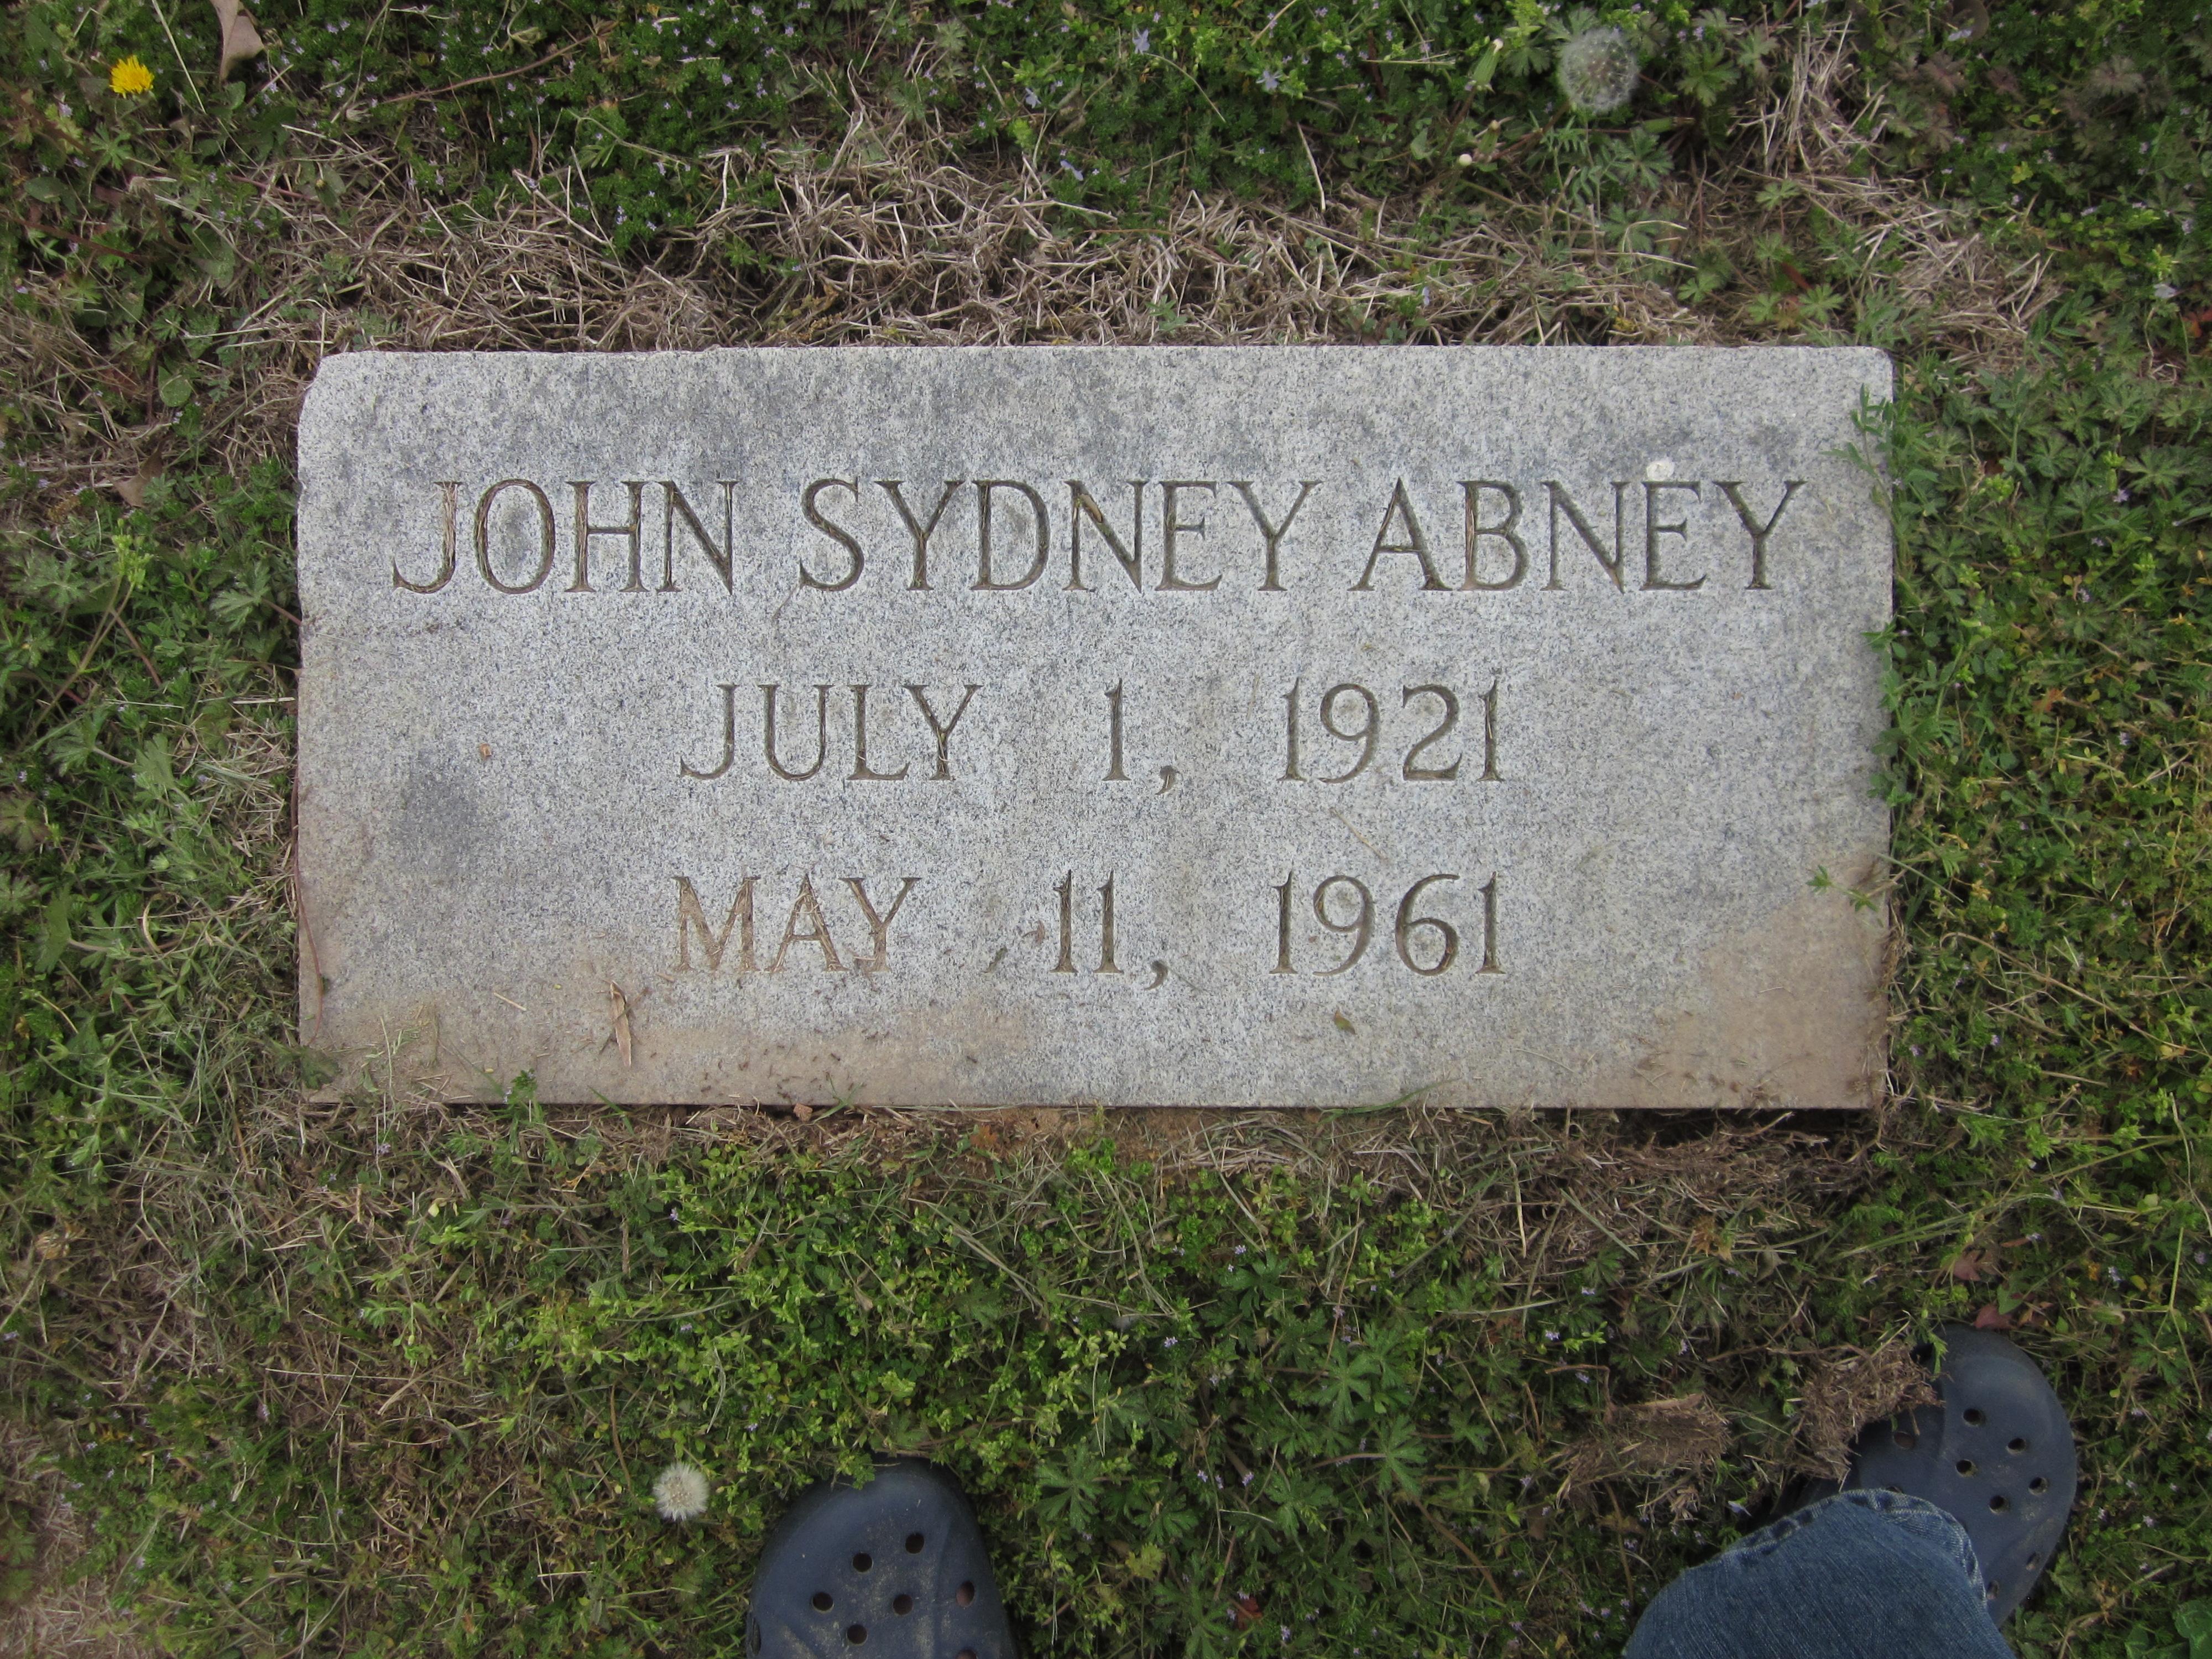 John Sydney Abney